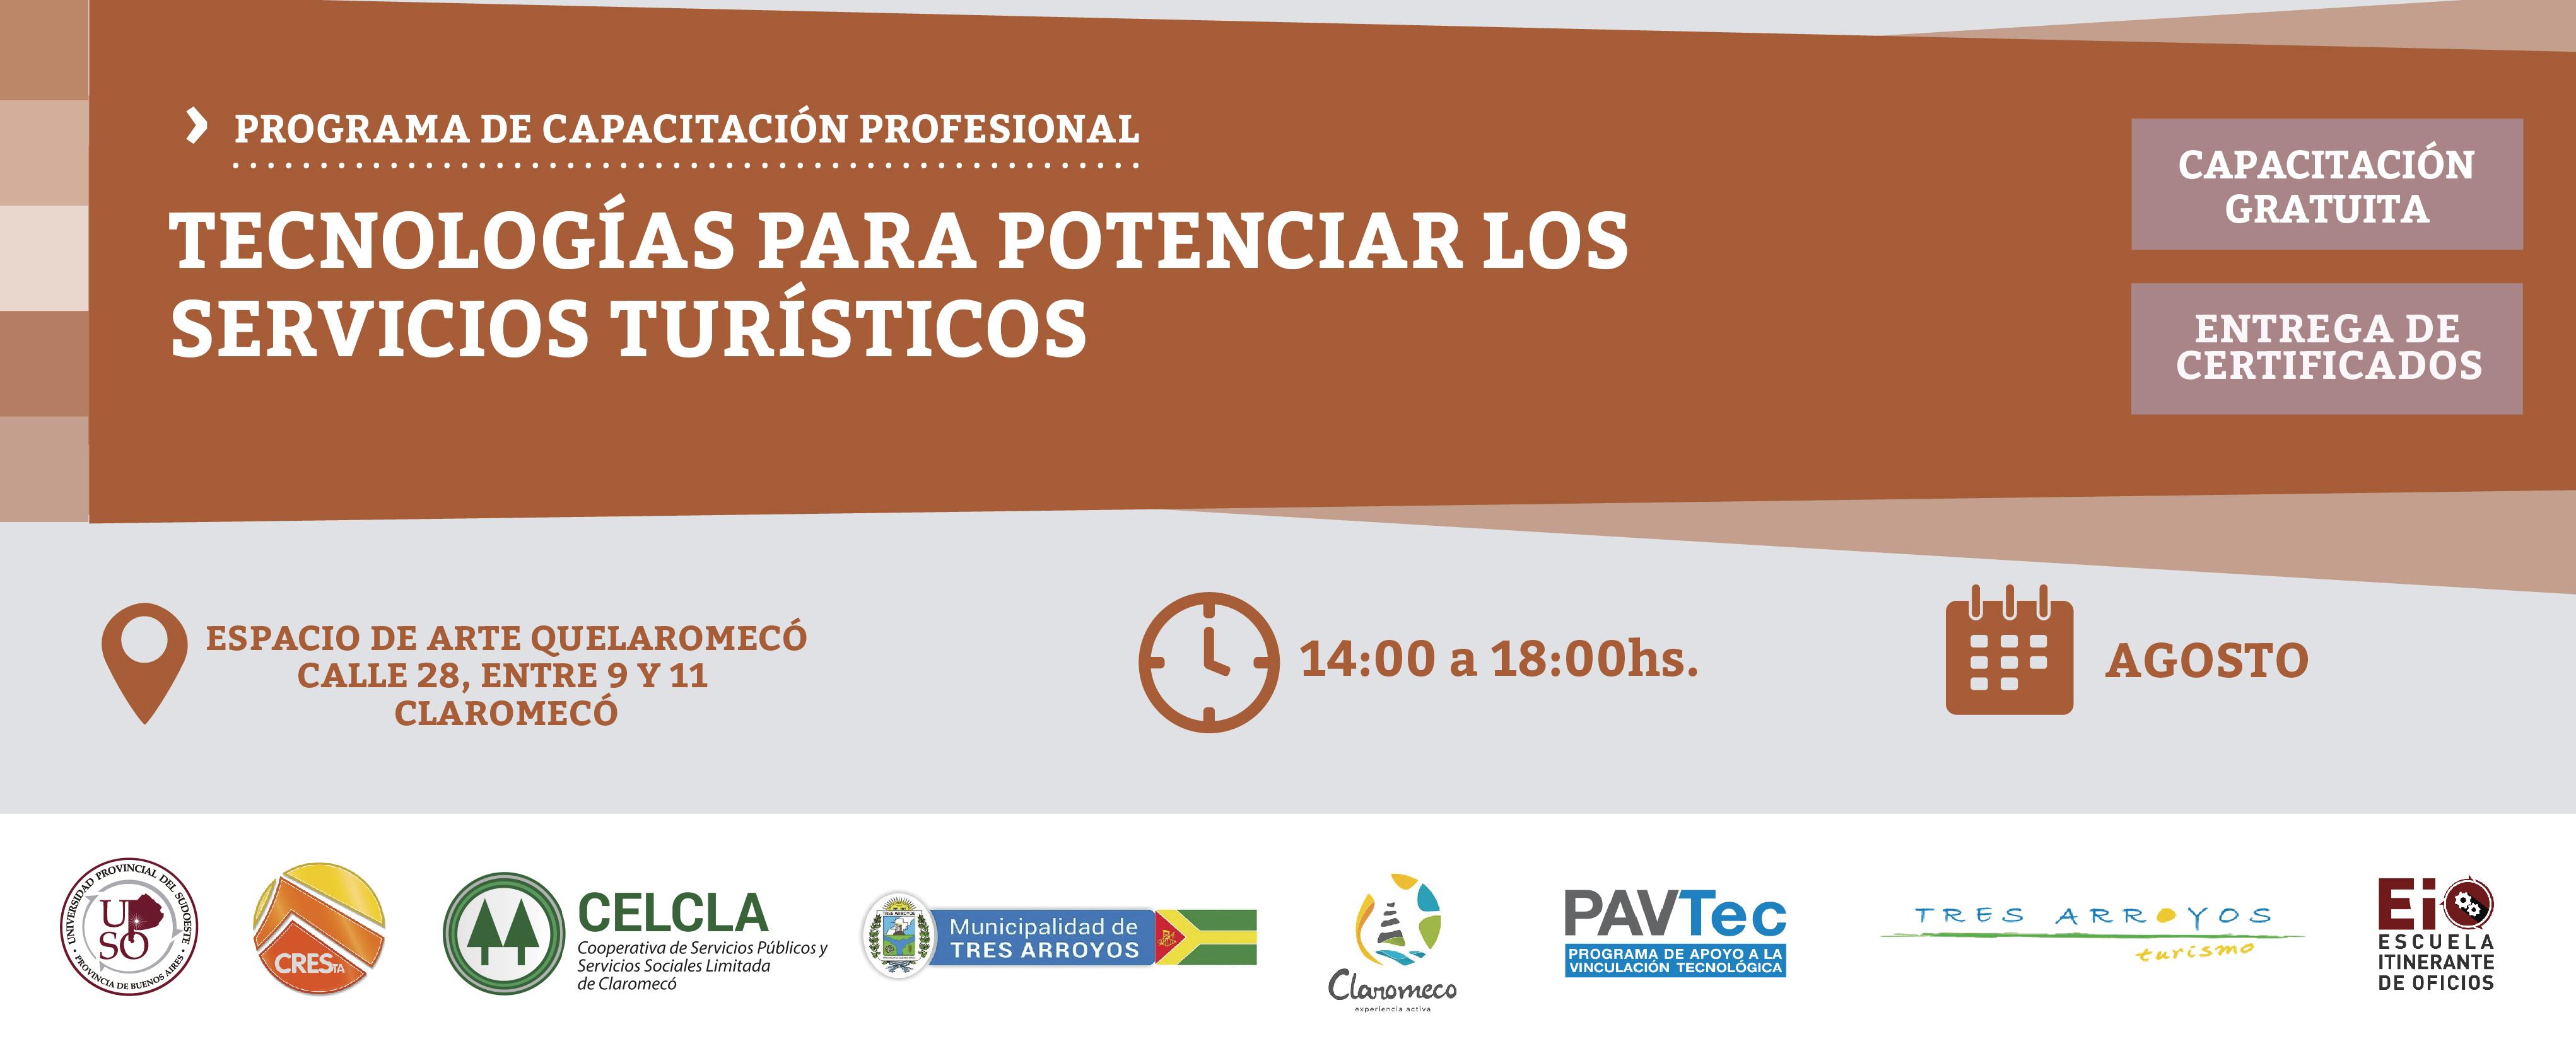 PCP Tres Arroyos: Tecnología Para Potenciar los Servicios Turísticos